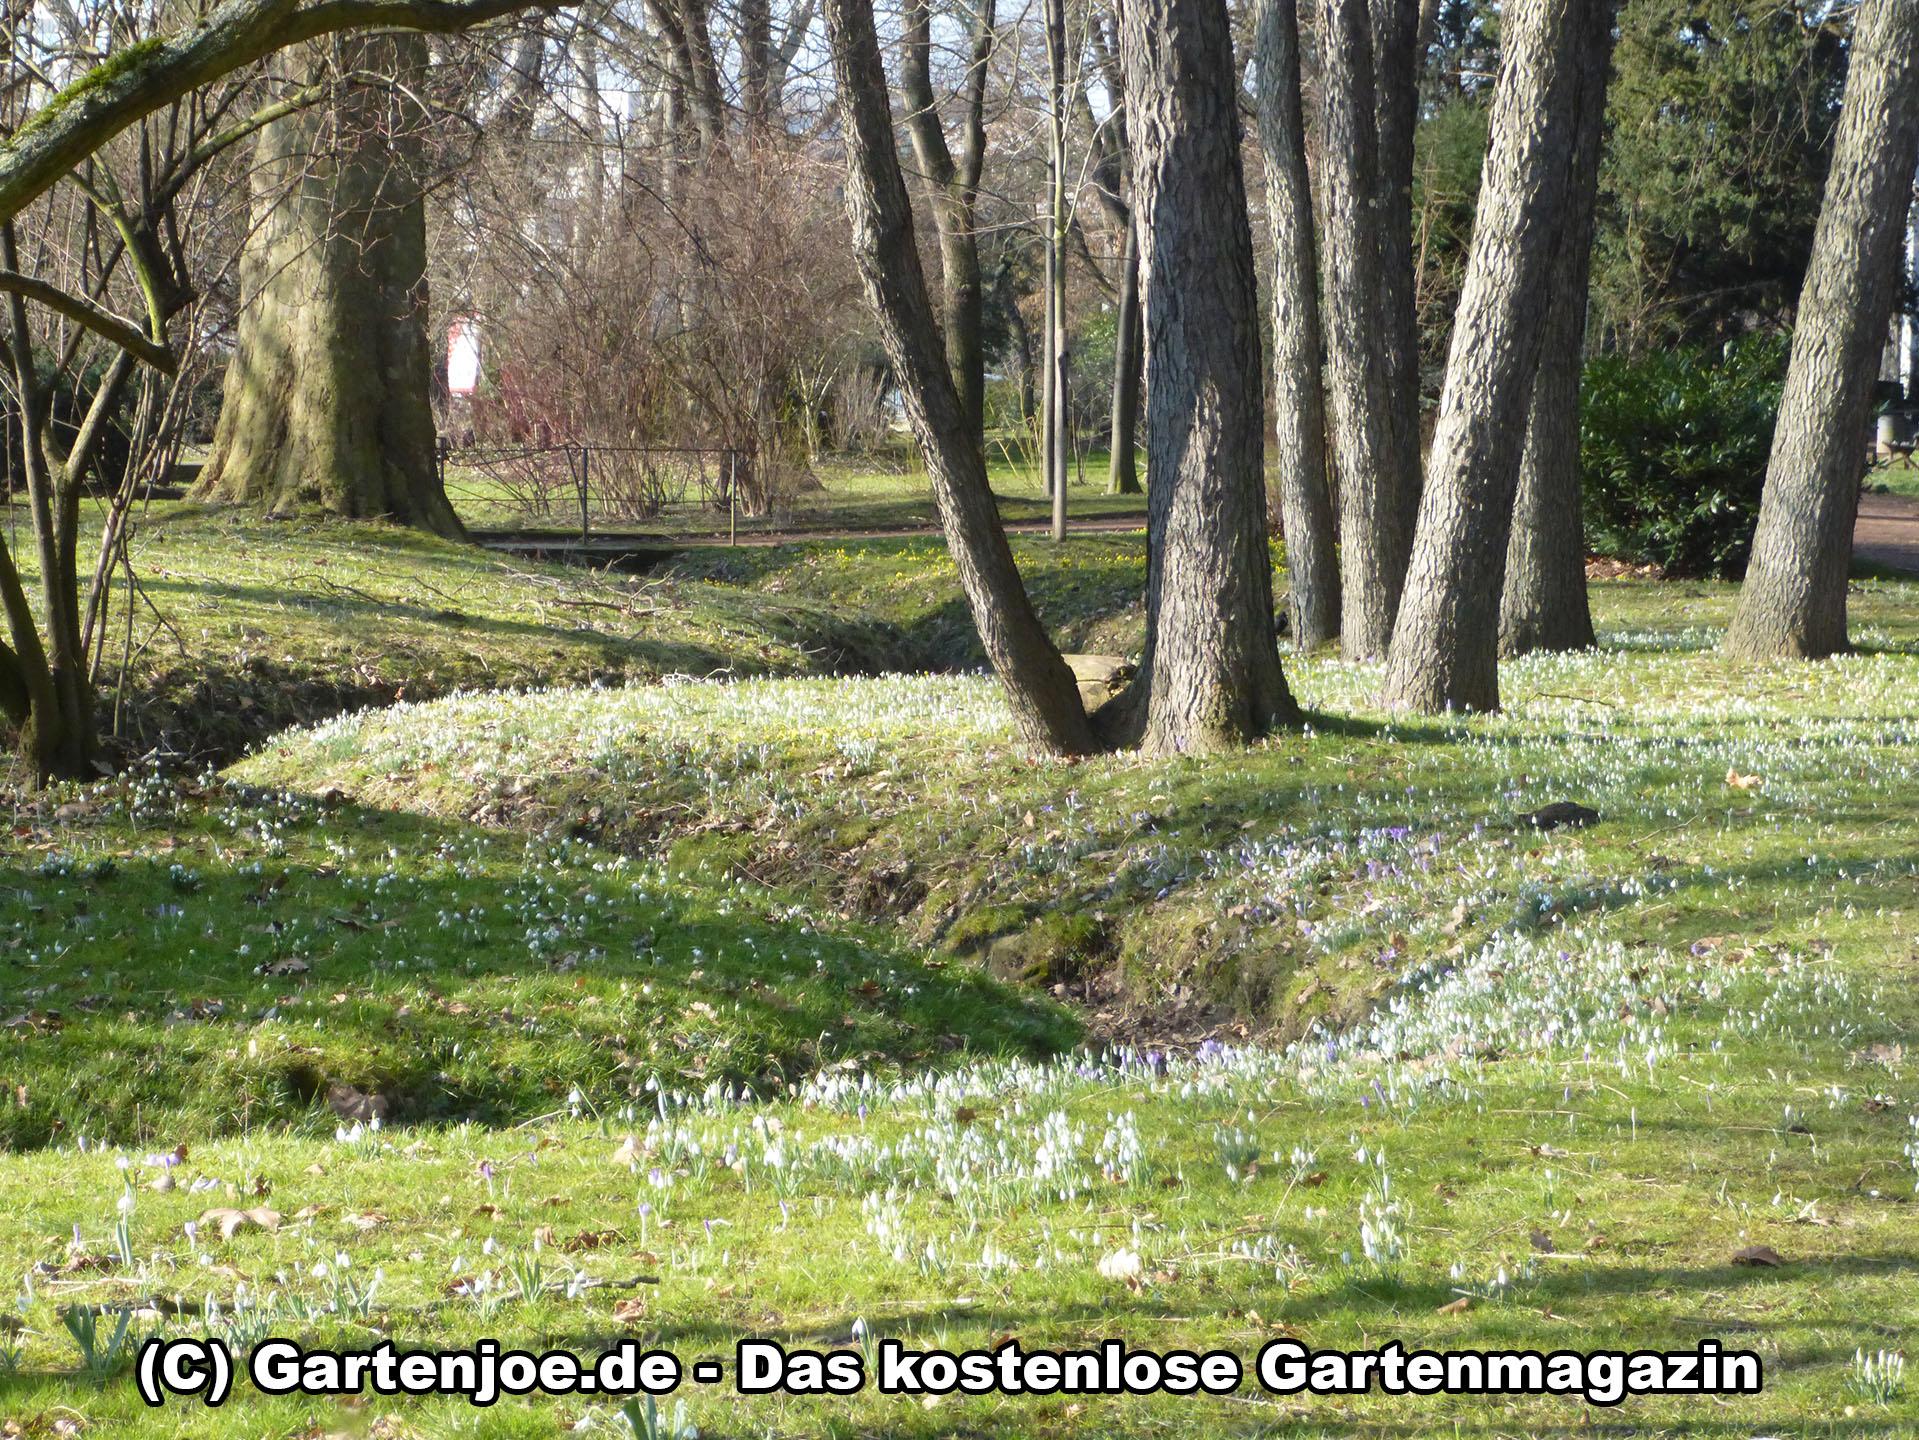 Krokuswiese im Großen Garten